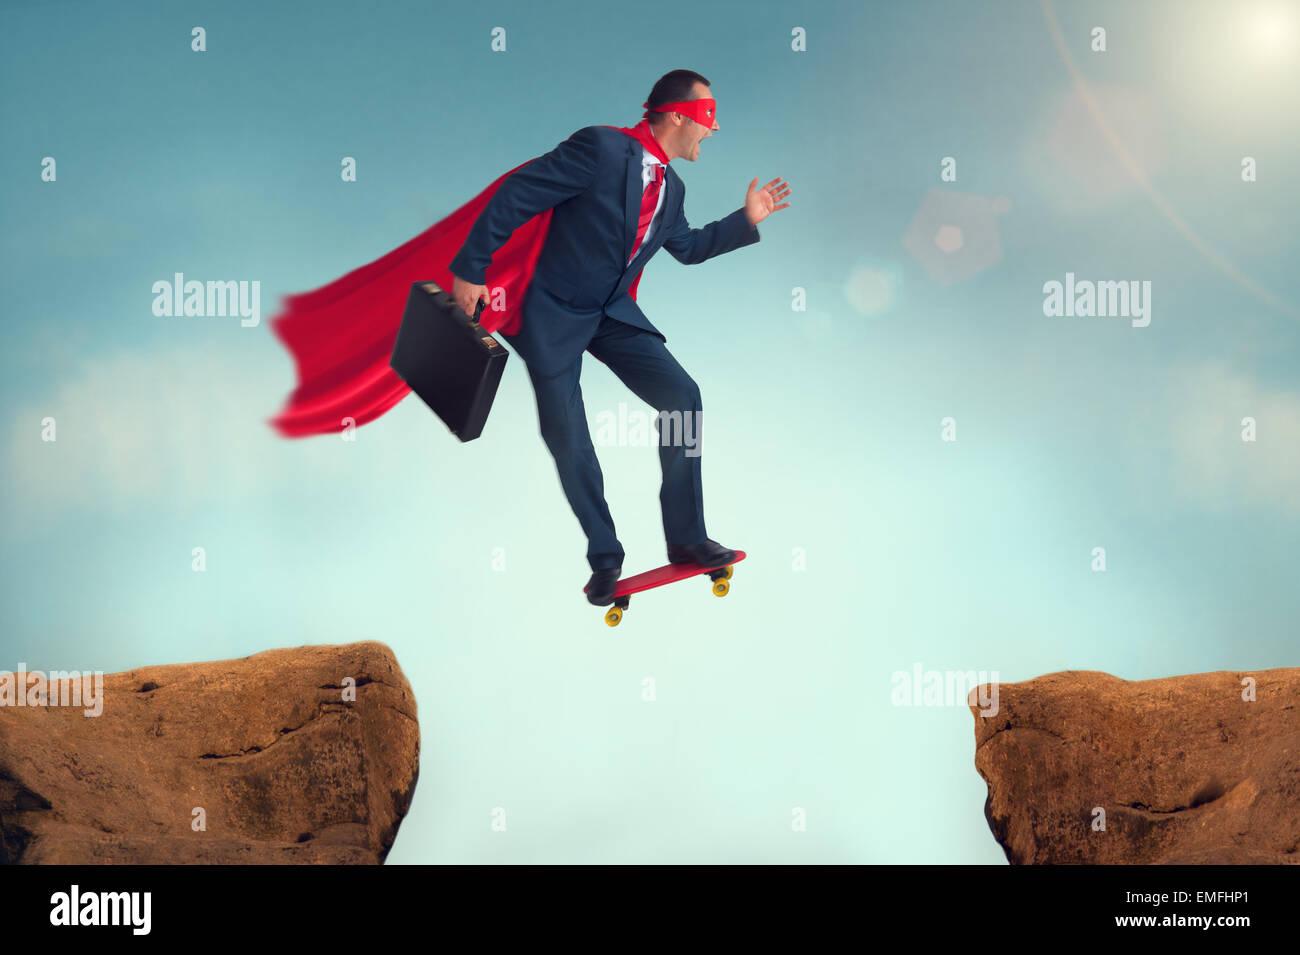 Superhero businessman défi risqué de faire un acte de foi sur une planche à roulettes Banque D'Images